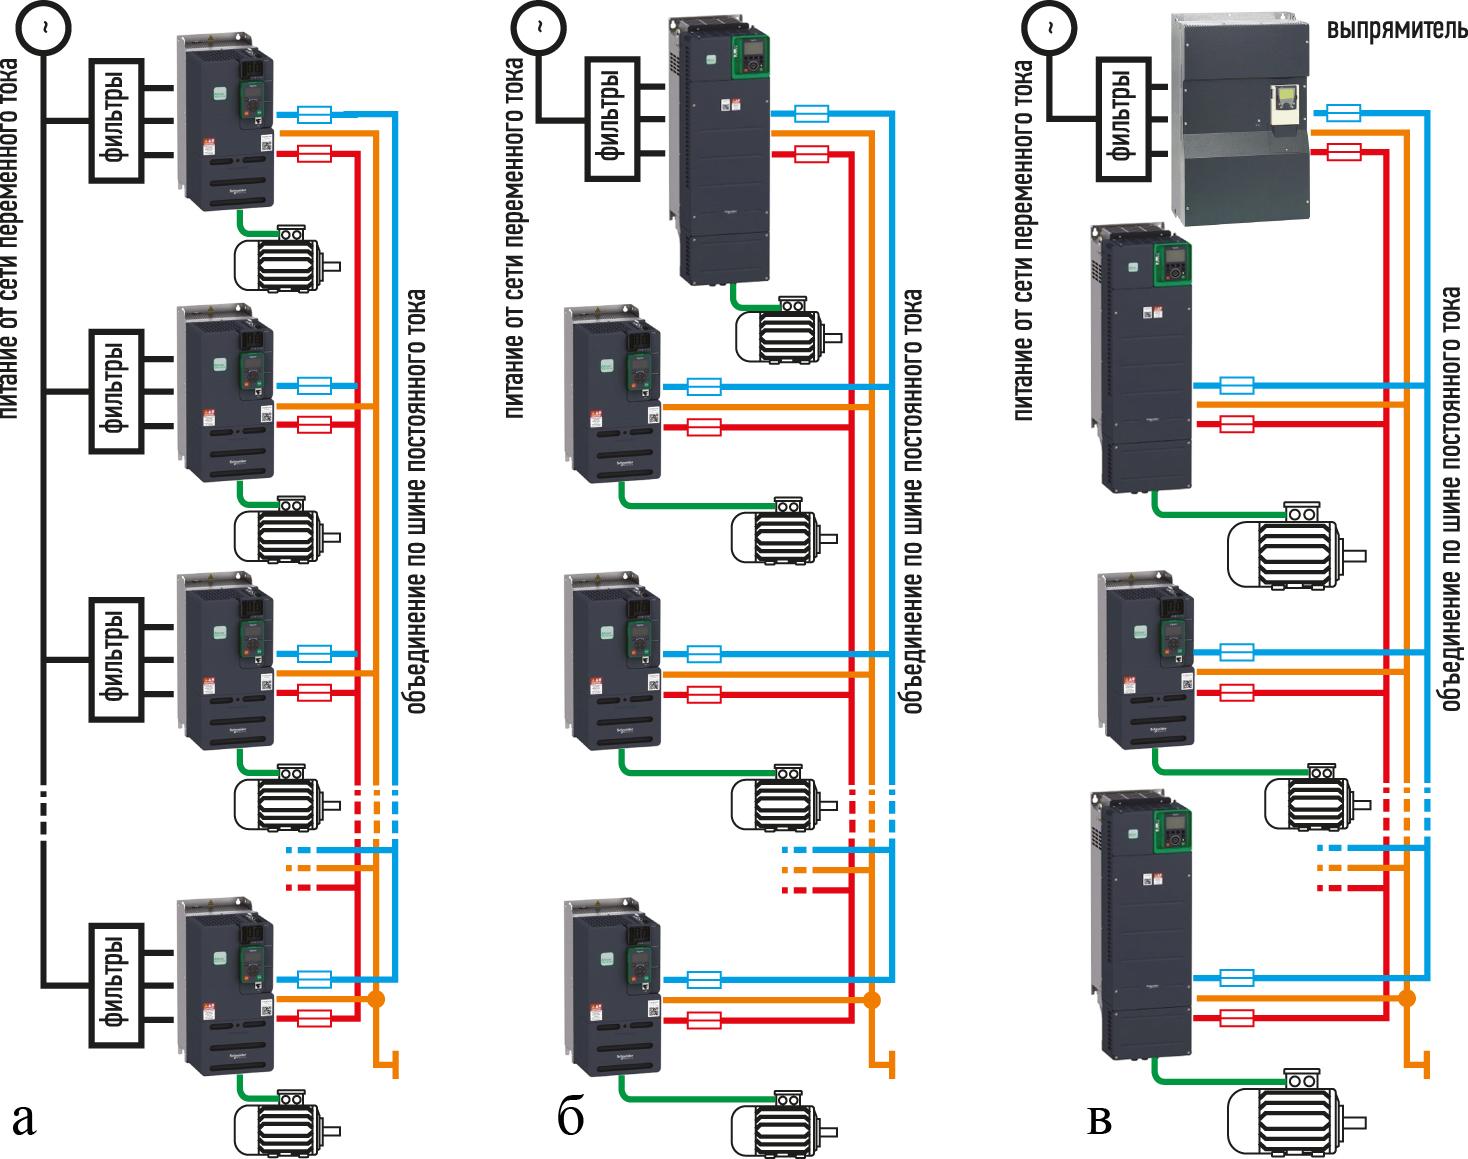 Варианты объединения преобразователей частоты Altivar по шине постоянного тока